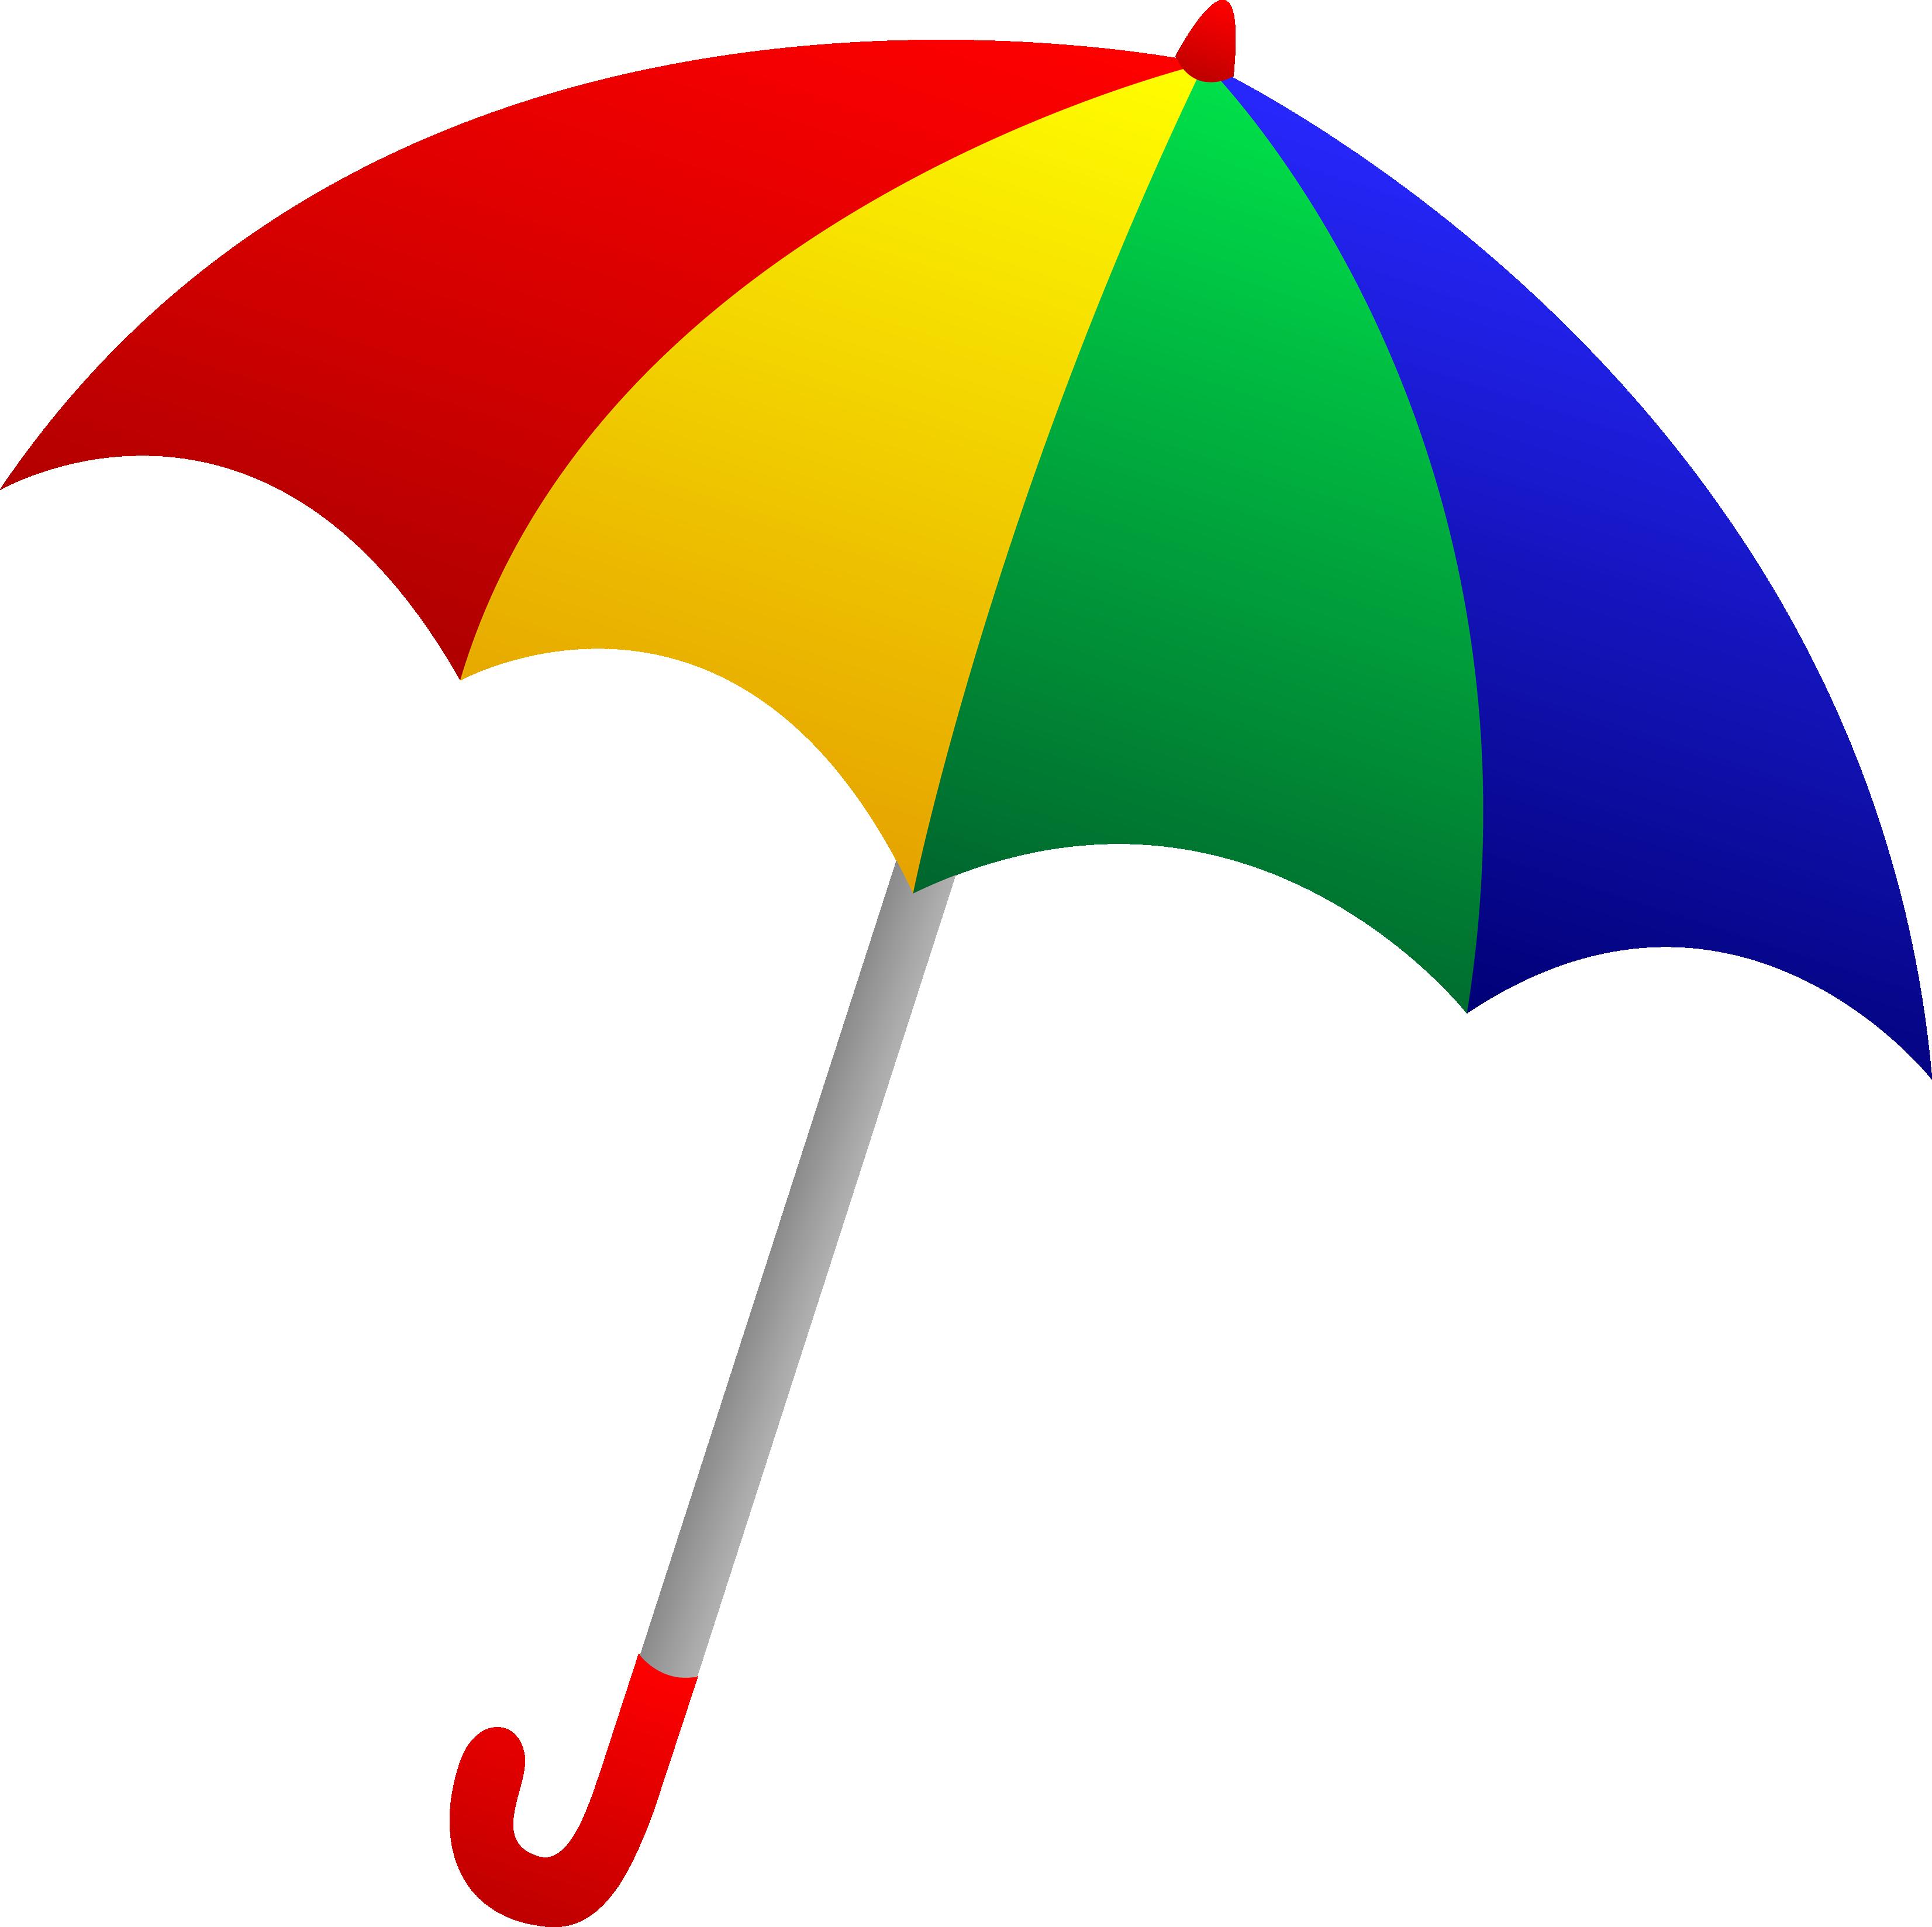 3304x3295 Clip Art Of An Umbrella Clipart 2 Clipartbold Clipartix